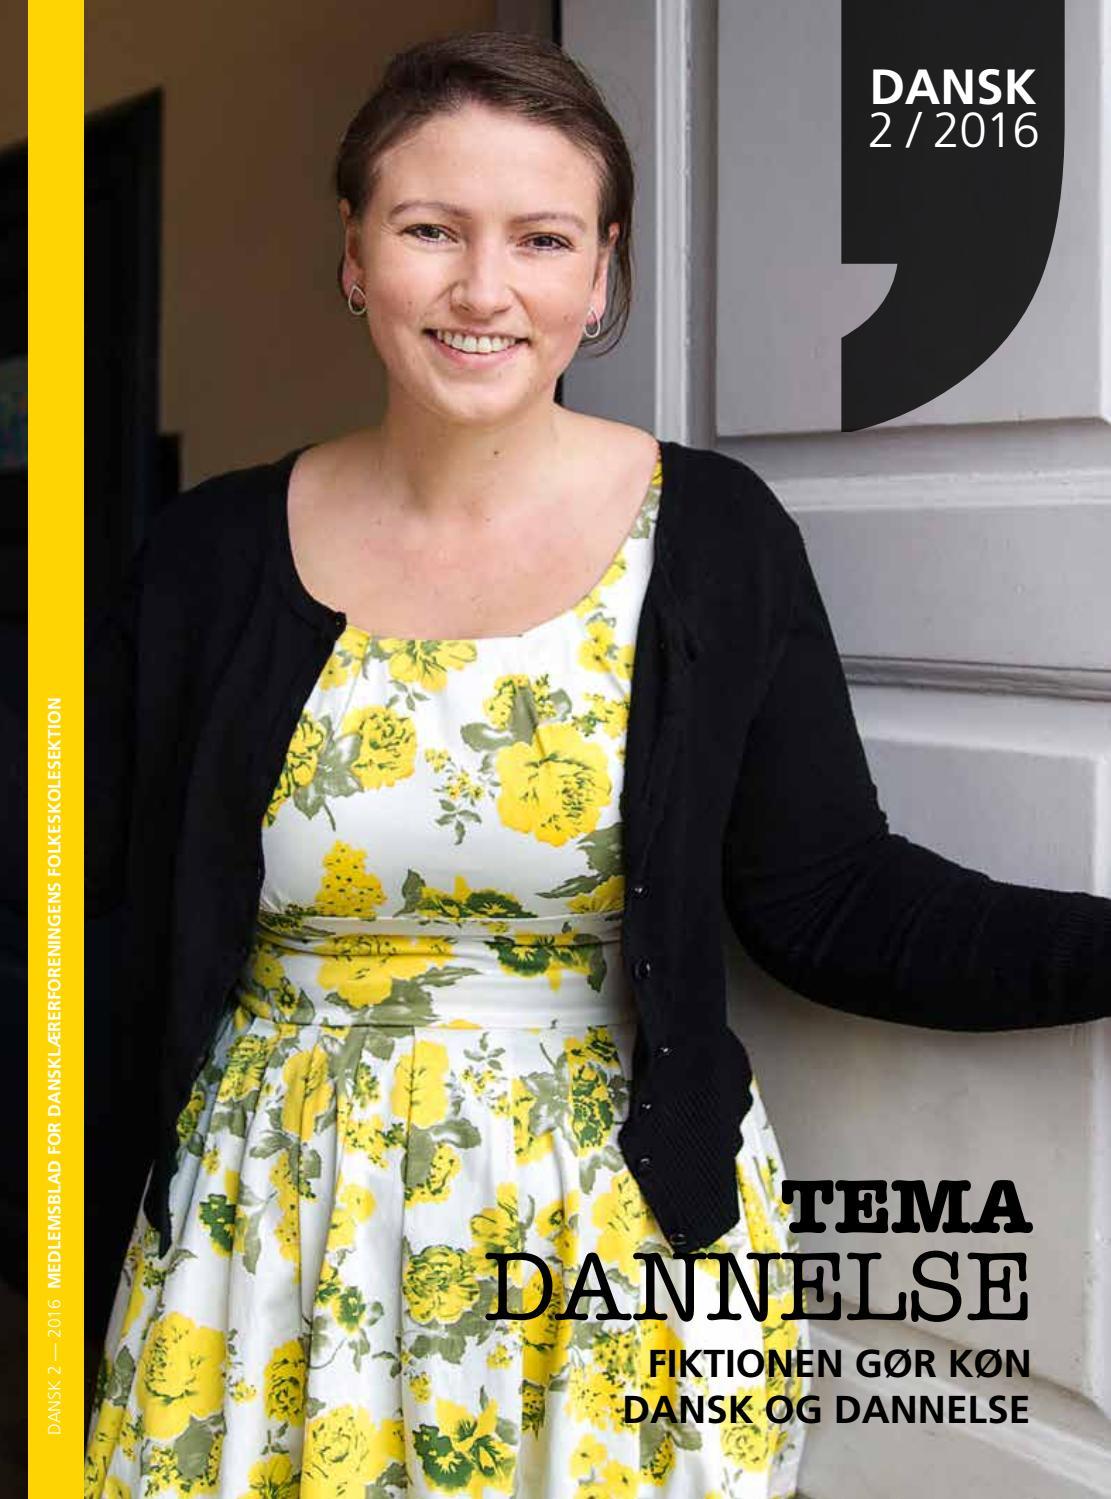 DANSK 4/2015 by Dansklærerforeningens Hus - issuu